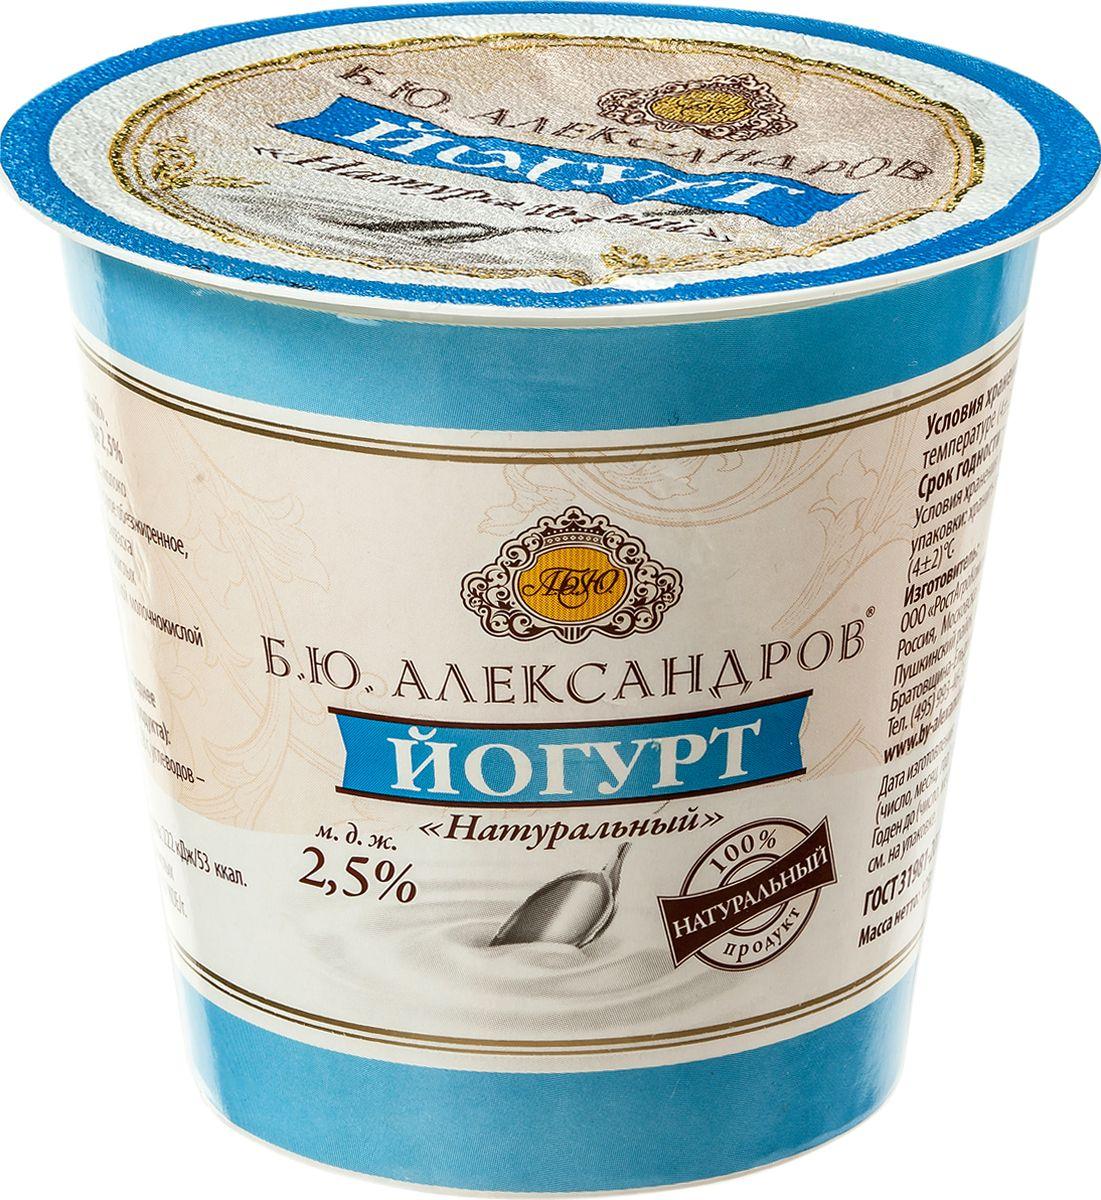 Б.Ю.Александров Йогурт Натуральный 2,5%, 125 г молочный стиль йогурт натуральный 2 5% 125 г